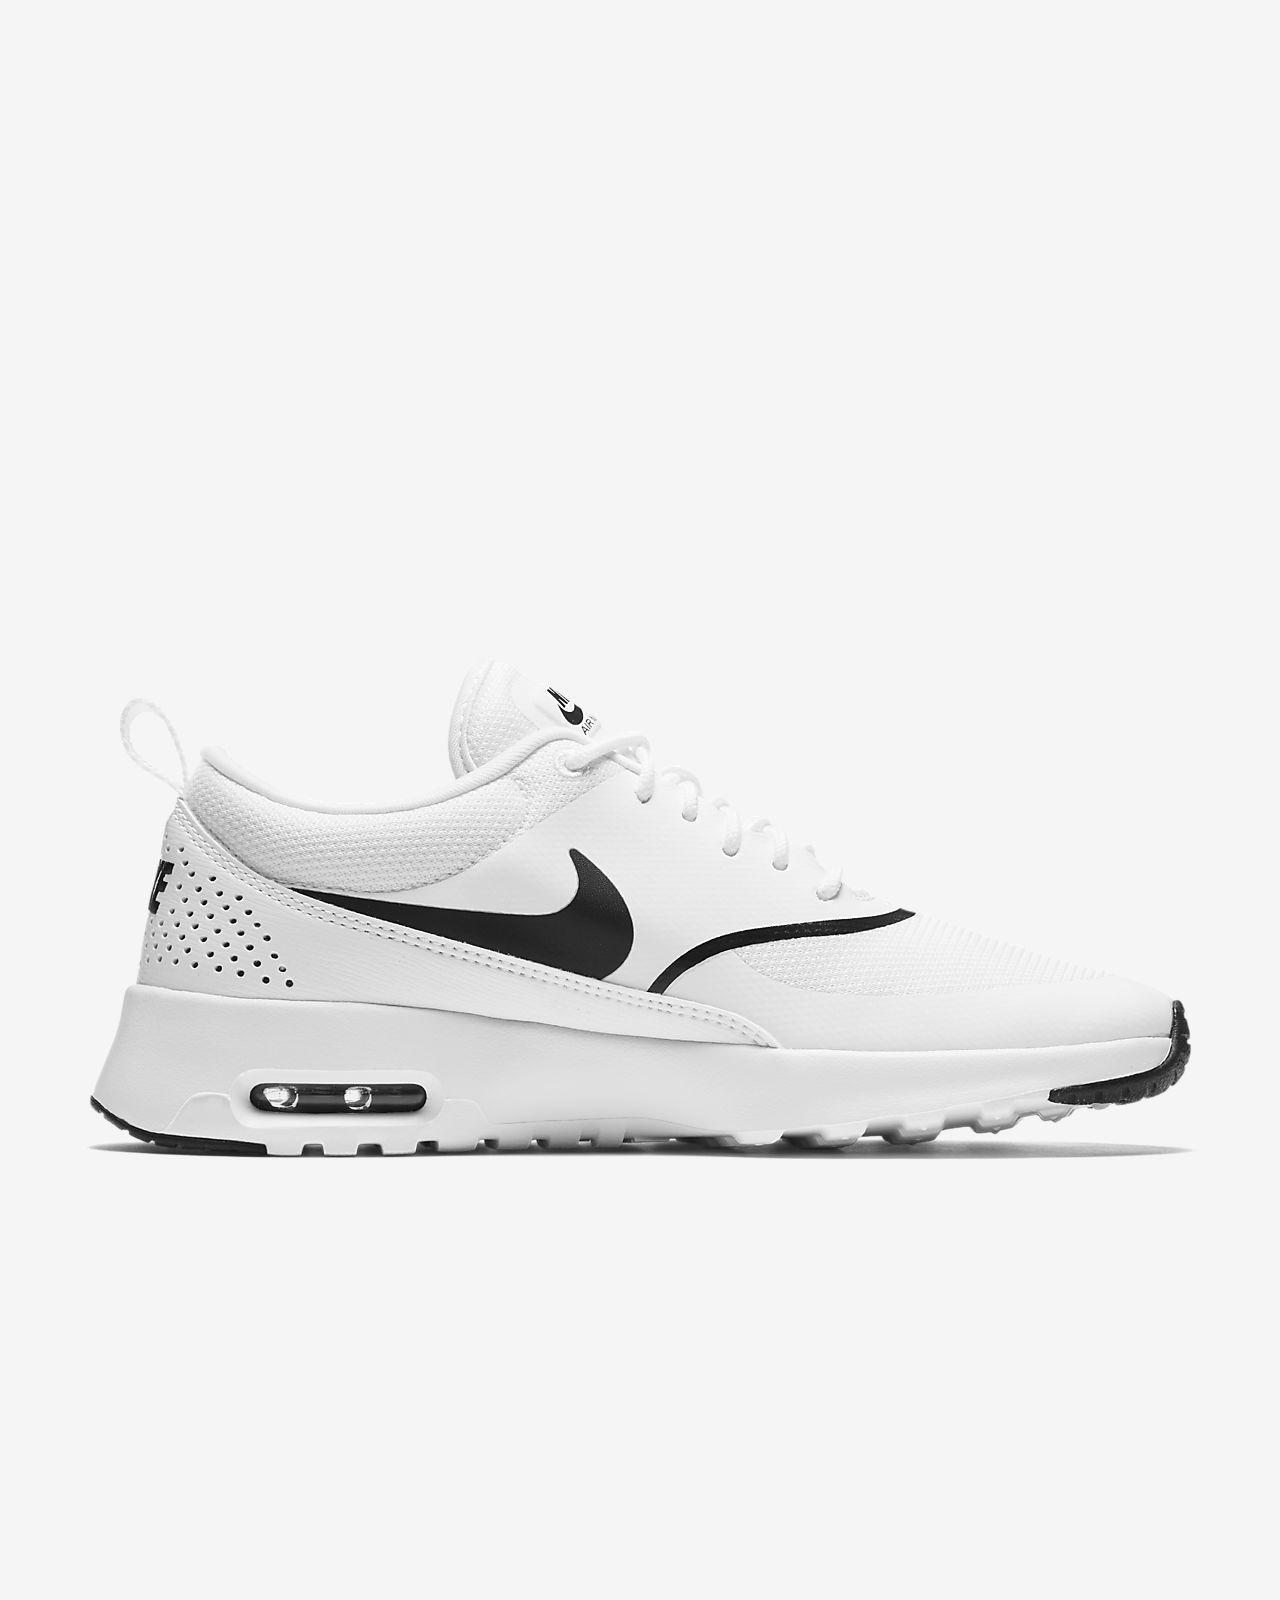 nouveau style c9e93 9d070 Pour Thea Chaussure FemmeCa Max Nike Air OlPXwTkZiu